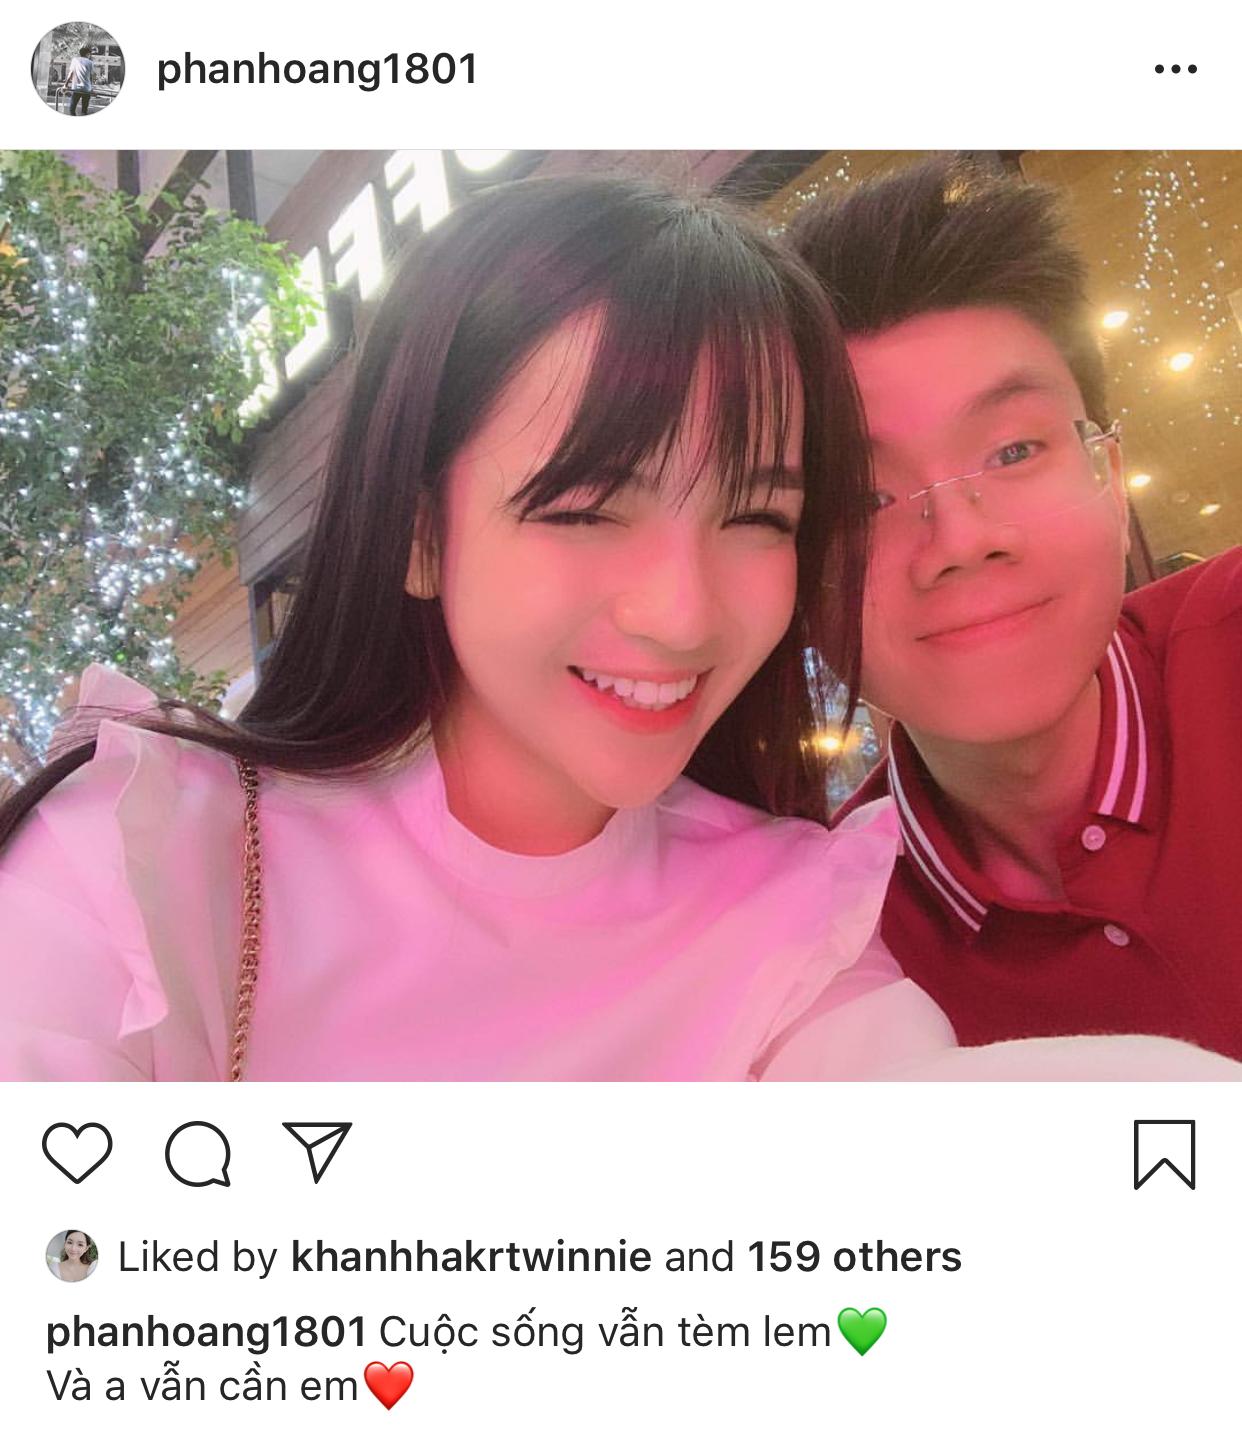 Thiếu gia Phan Hoàng và bạn gái cũ bất ngờ tái hợp - Ảnh 1.